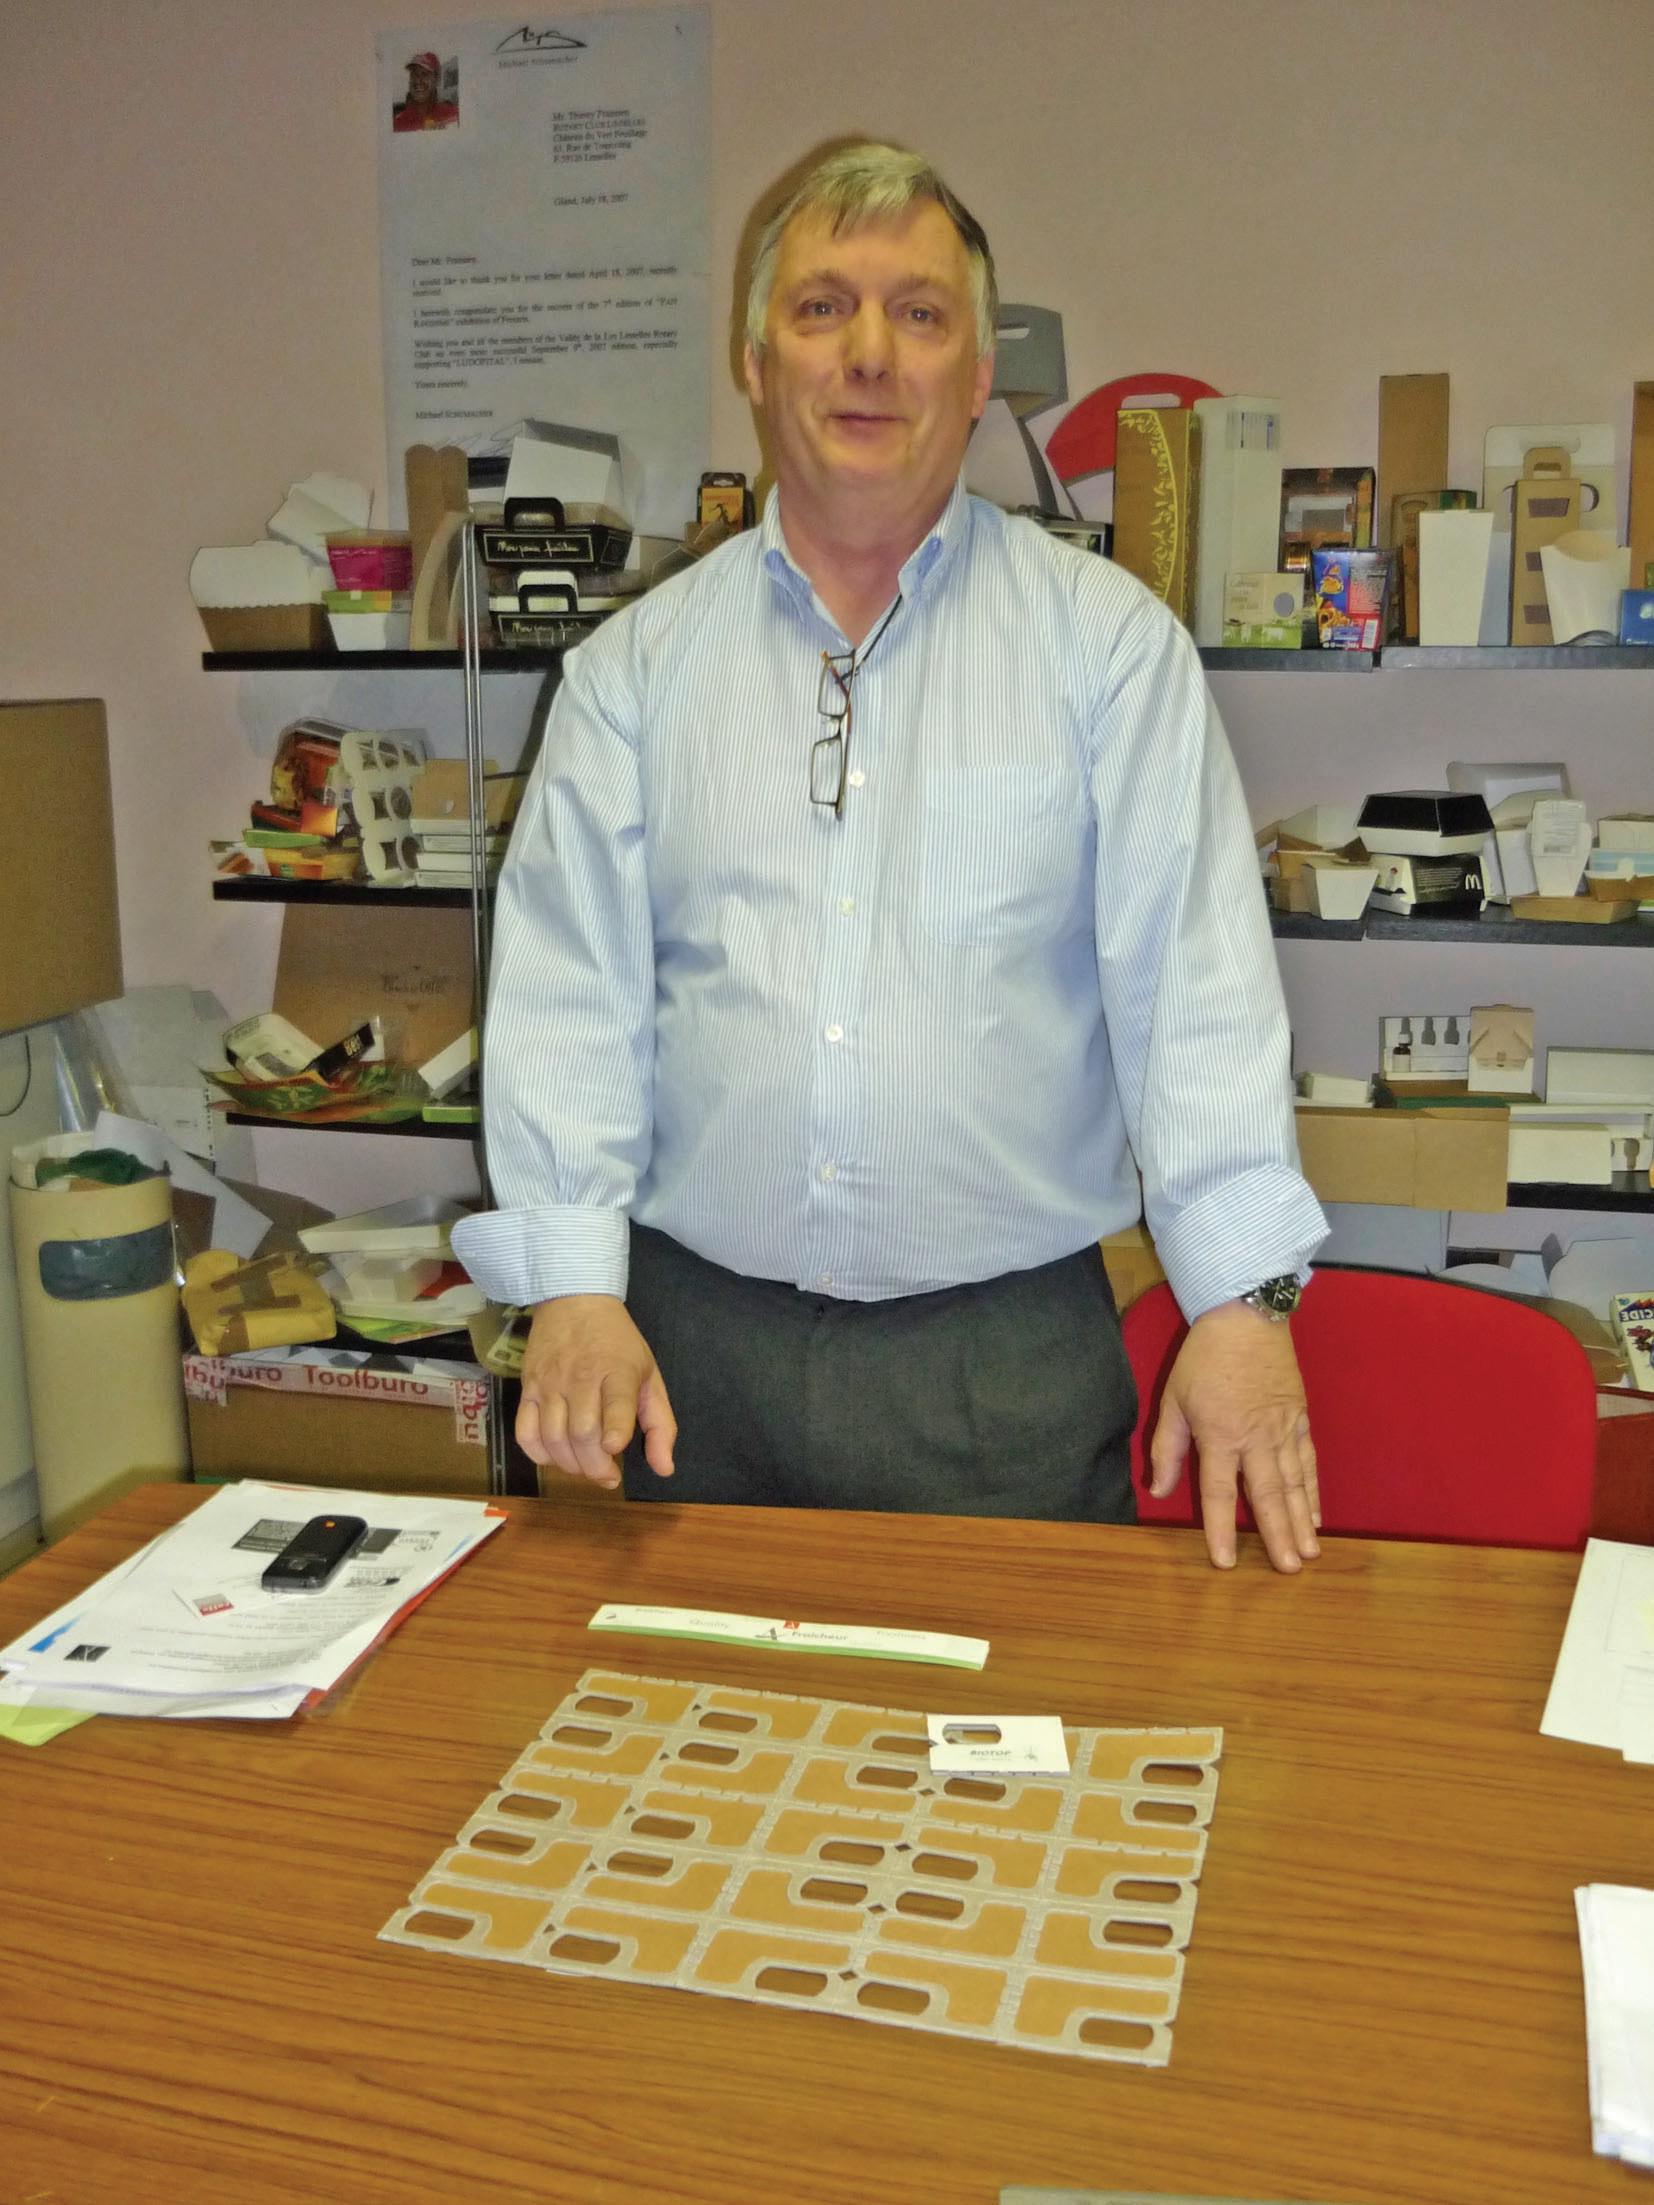 Thierry Franssen présente un de ses prototypes qui lui a demandé deux années de réflexion : un carton pouvant accueillir des larves d'insectes dans le cadre de la protection de champs de maïs. Ses réalisations portent sur tout le domaine de l'agroalimentaire, dans le respect de l'écologie et de la santé publique.